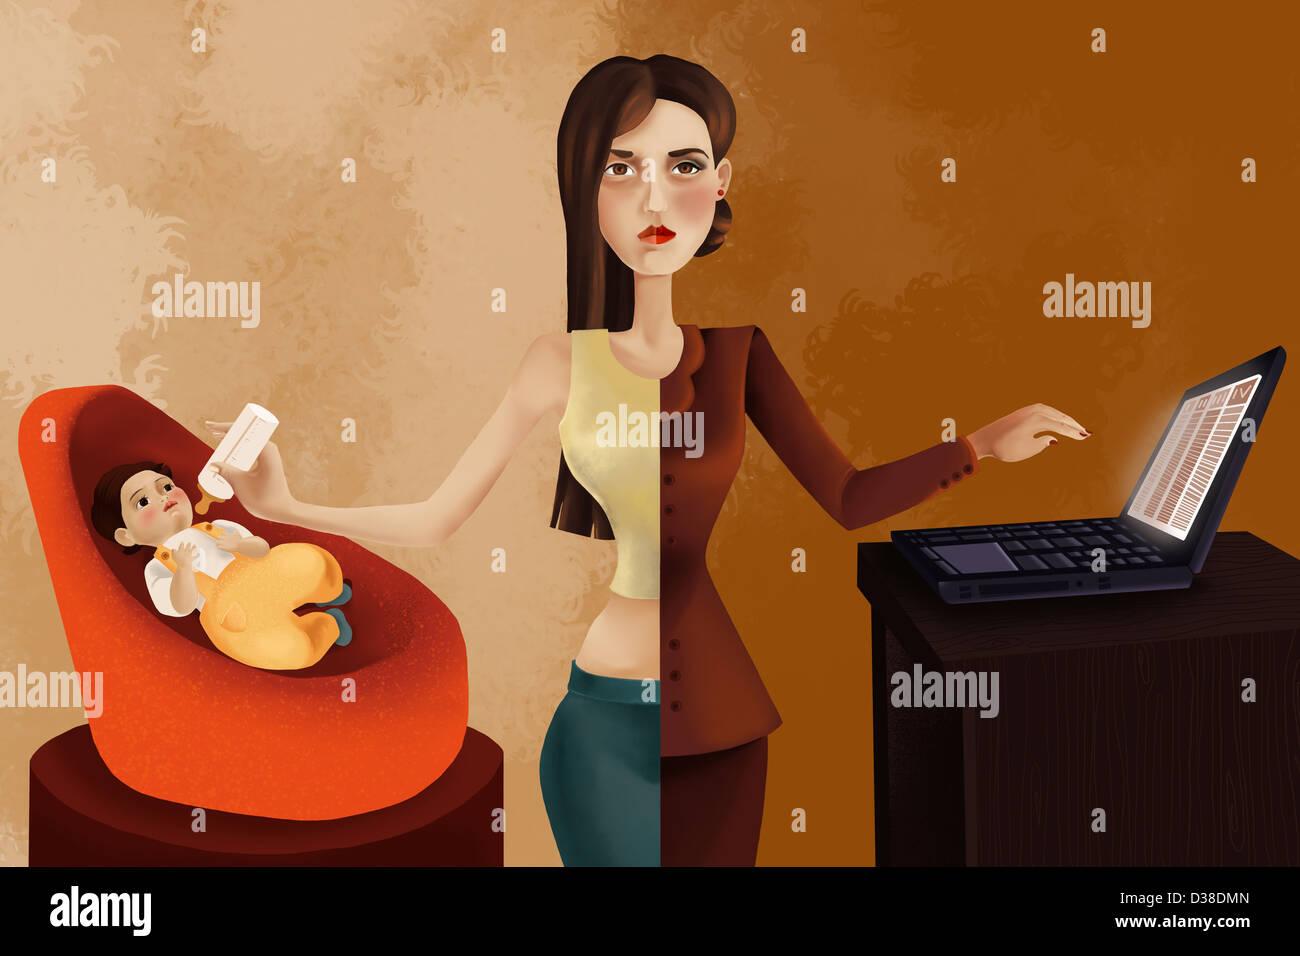 Immagine illustrativa della donna professionale alimentando il suo bambino durante l'utilizzo di laptop Immagini Stock